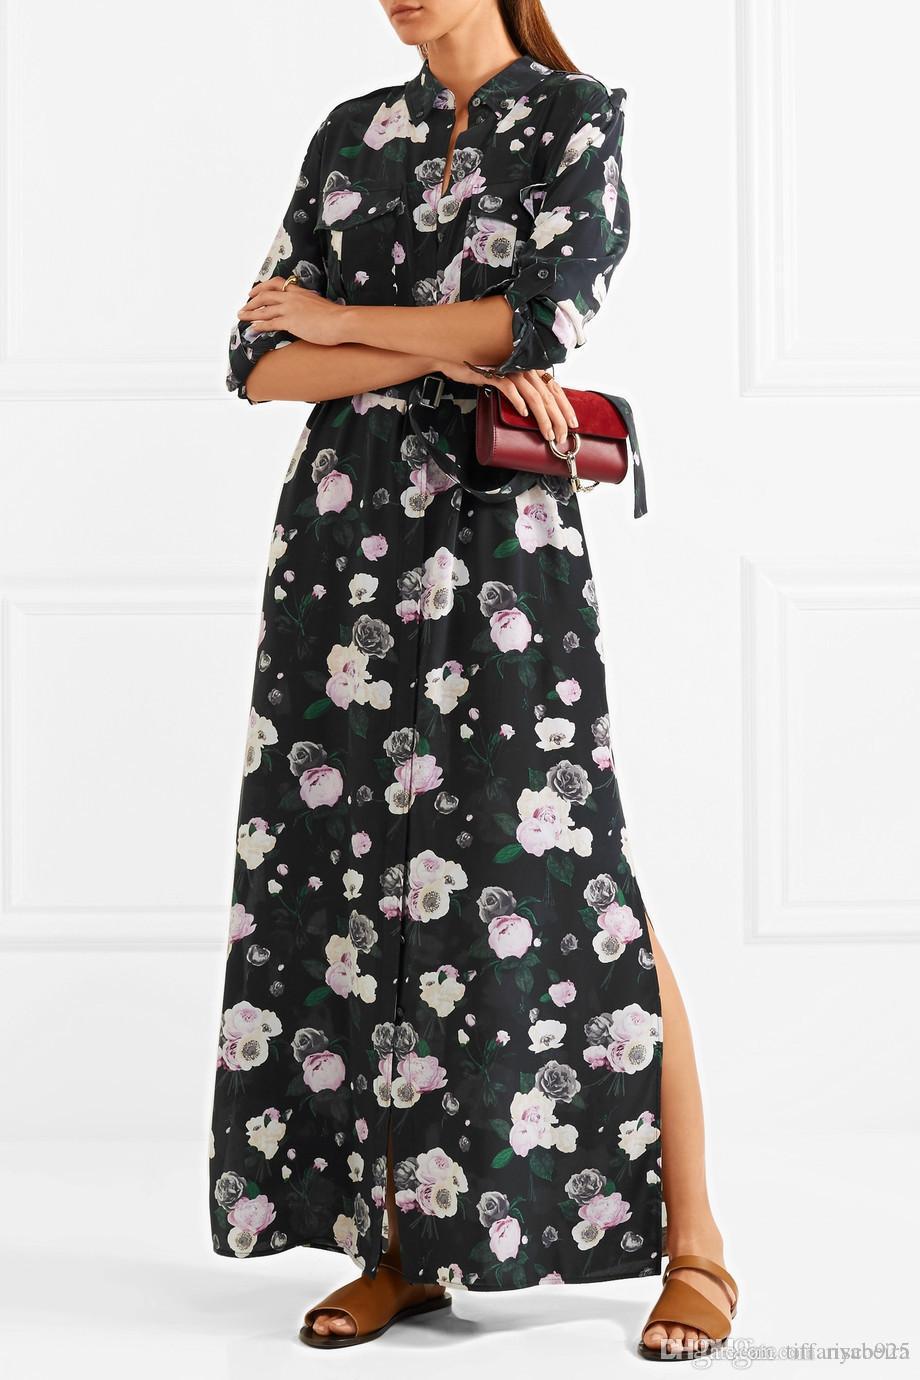 2017 цветы 100% шелк длинные рукава отложной воротник цветочный принт с карманом пояс длина Пола леди платье мода EQ блузка рубашки S102